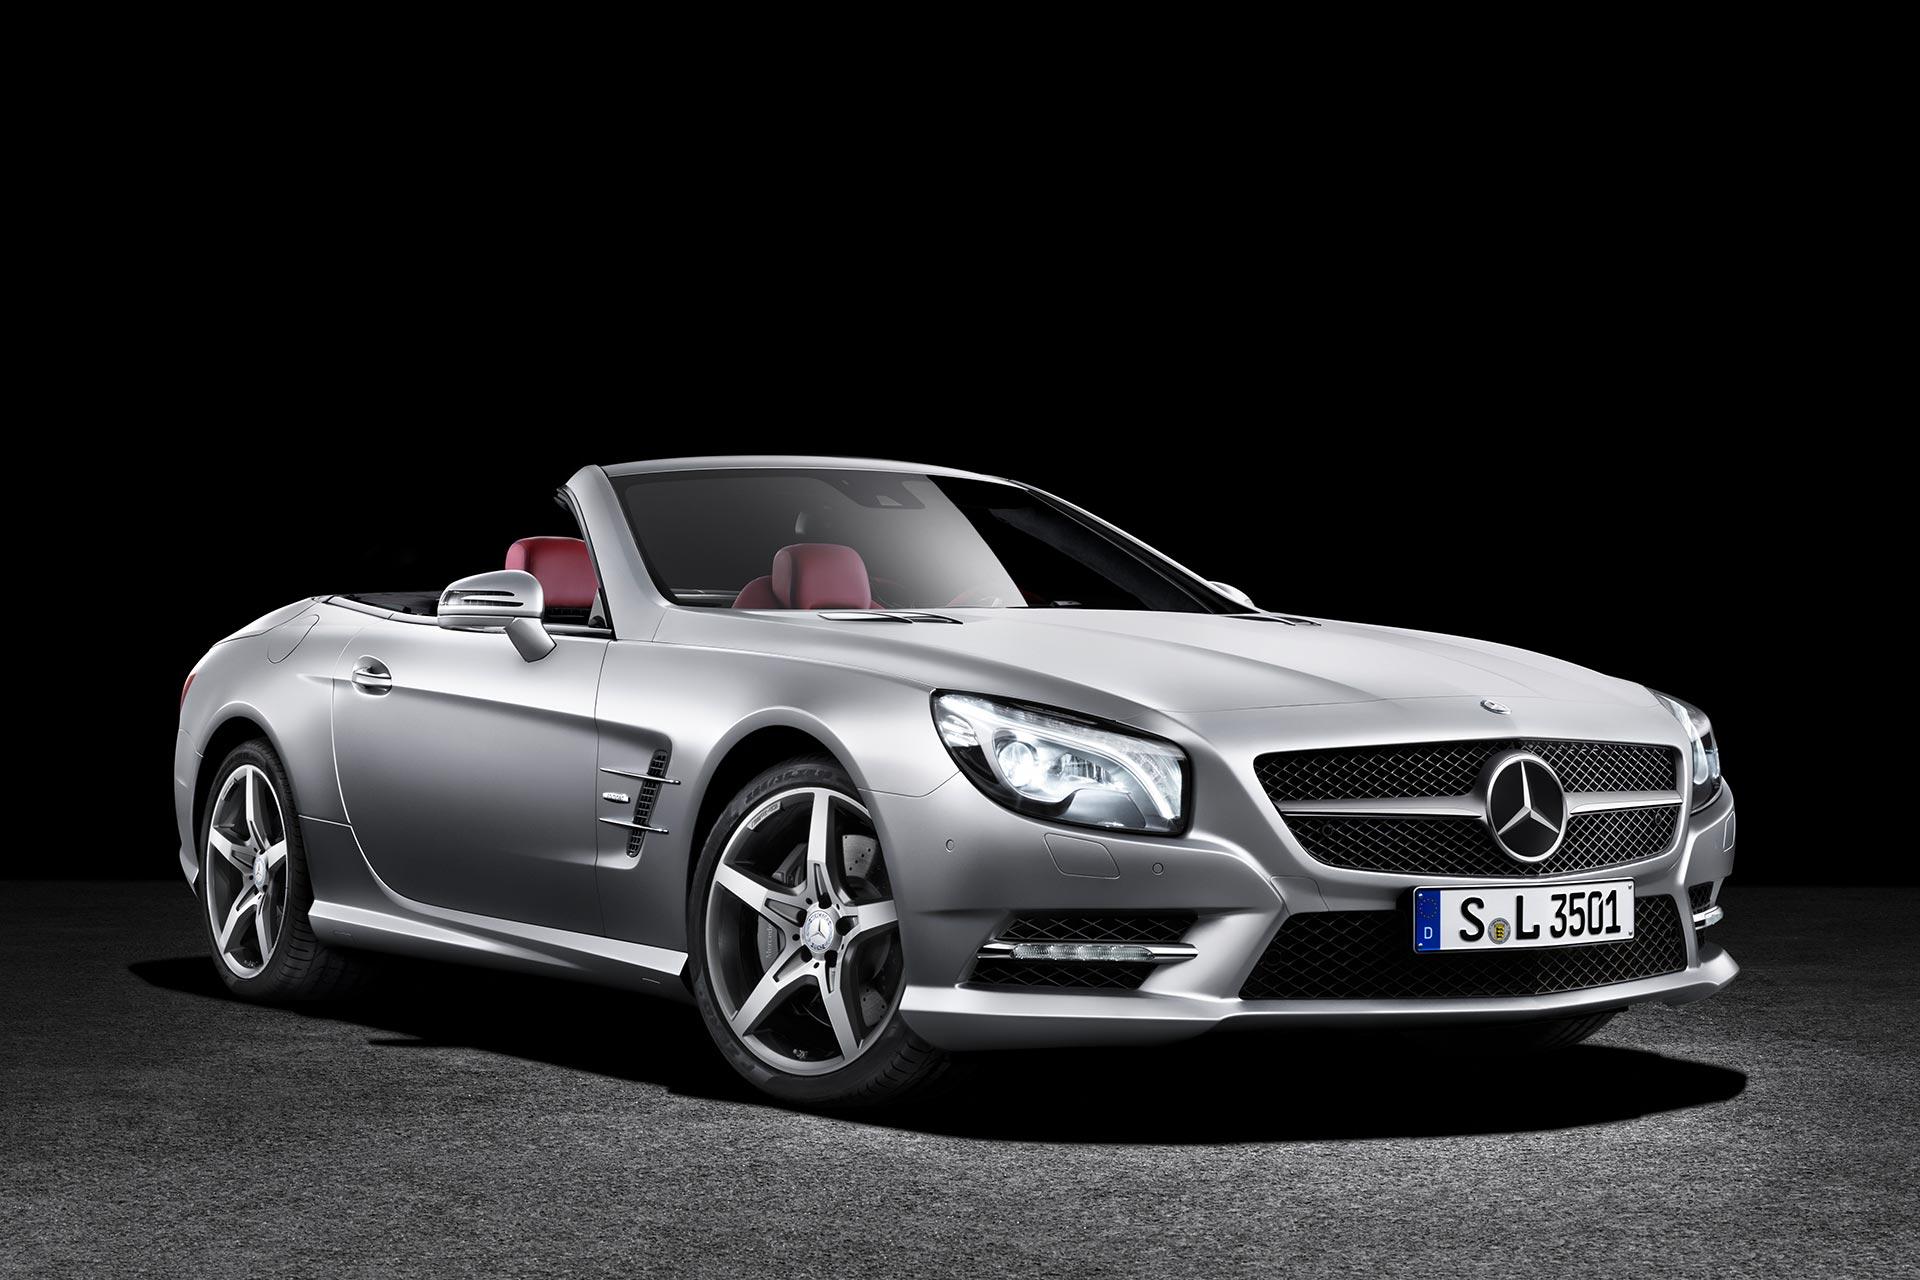 Mercedes-Benz SL 350 (R 231). Sondermodell Edition 1. Produktionszeitraum der Baureihe 2012 bis 2020. Studiofoto von rechts vorn.